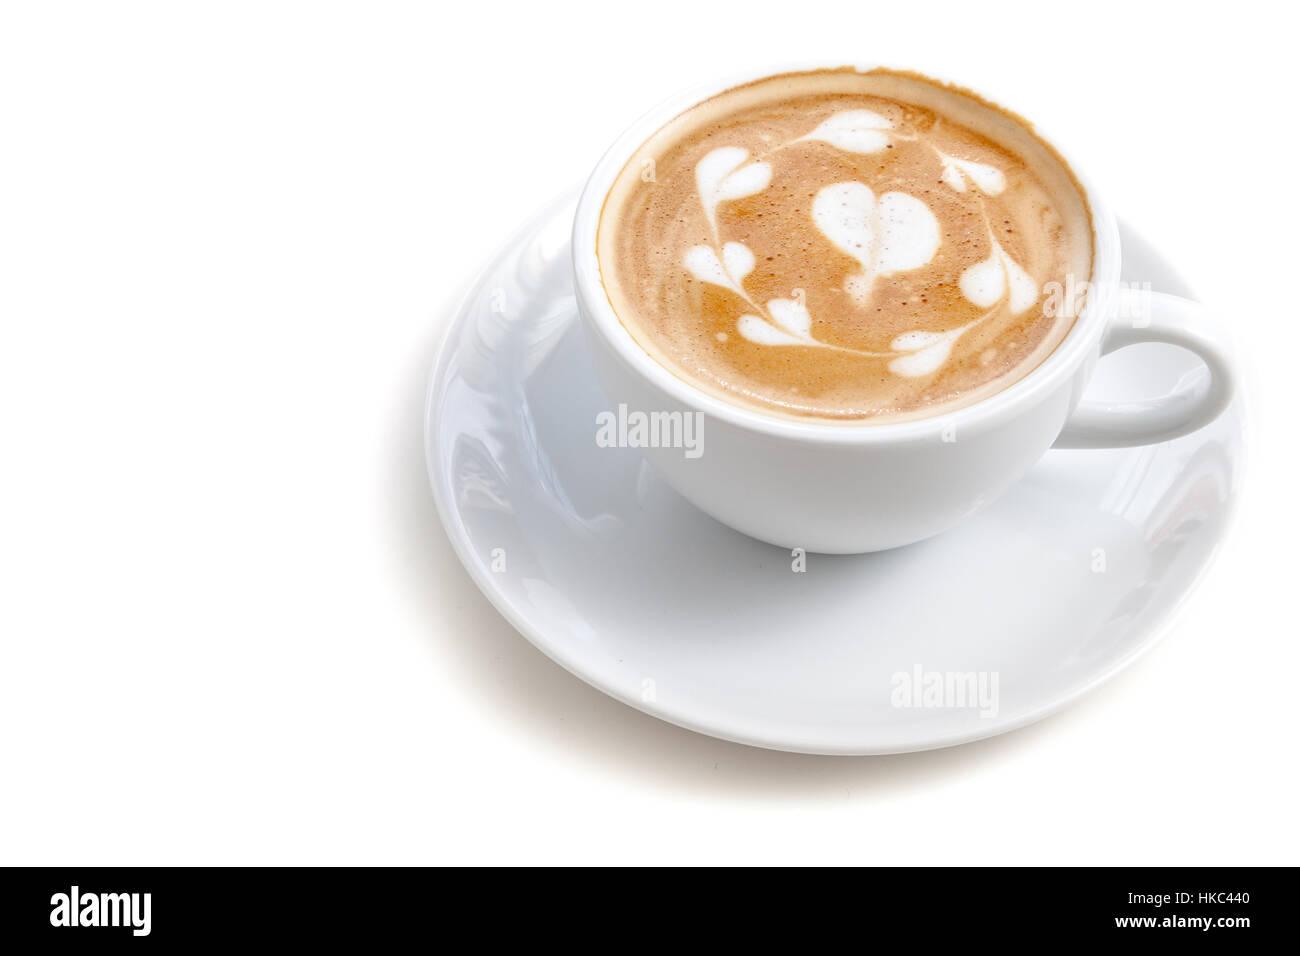 Tazza da caffè di latte art molti forma di cuore su sfondo bianco isolato, allineamento a destra Immagini Stock